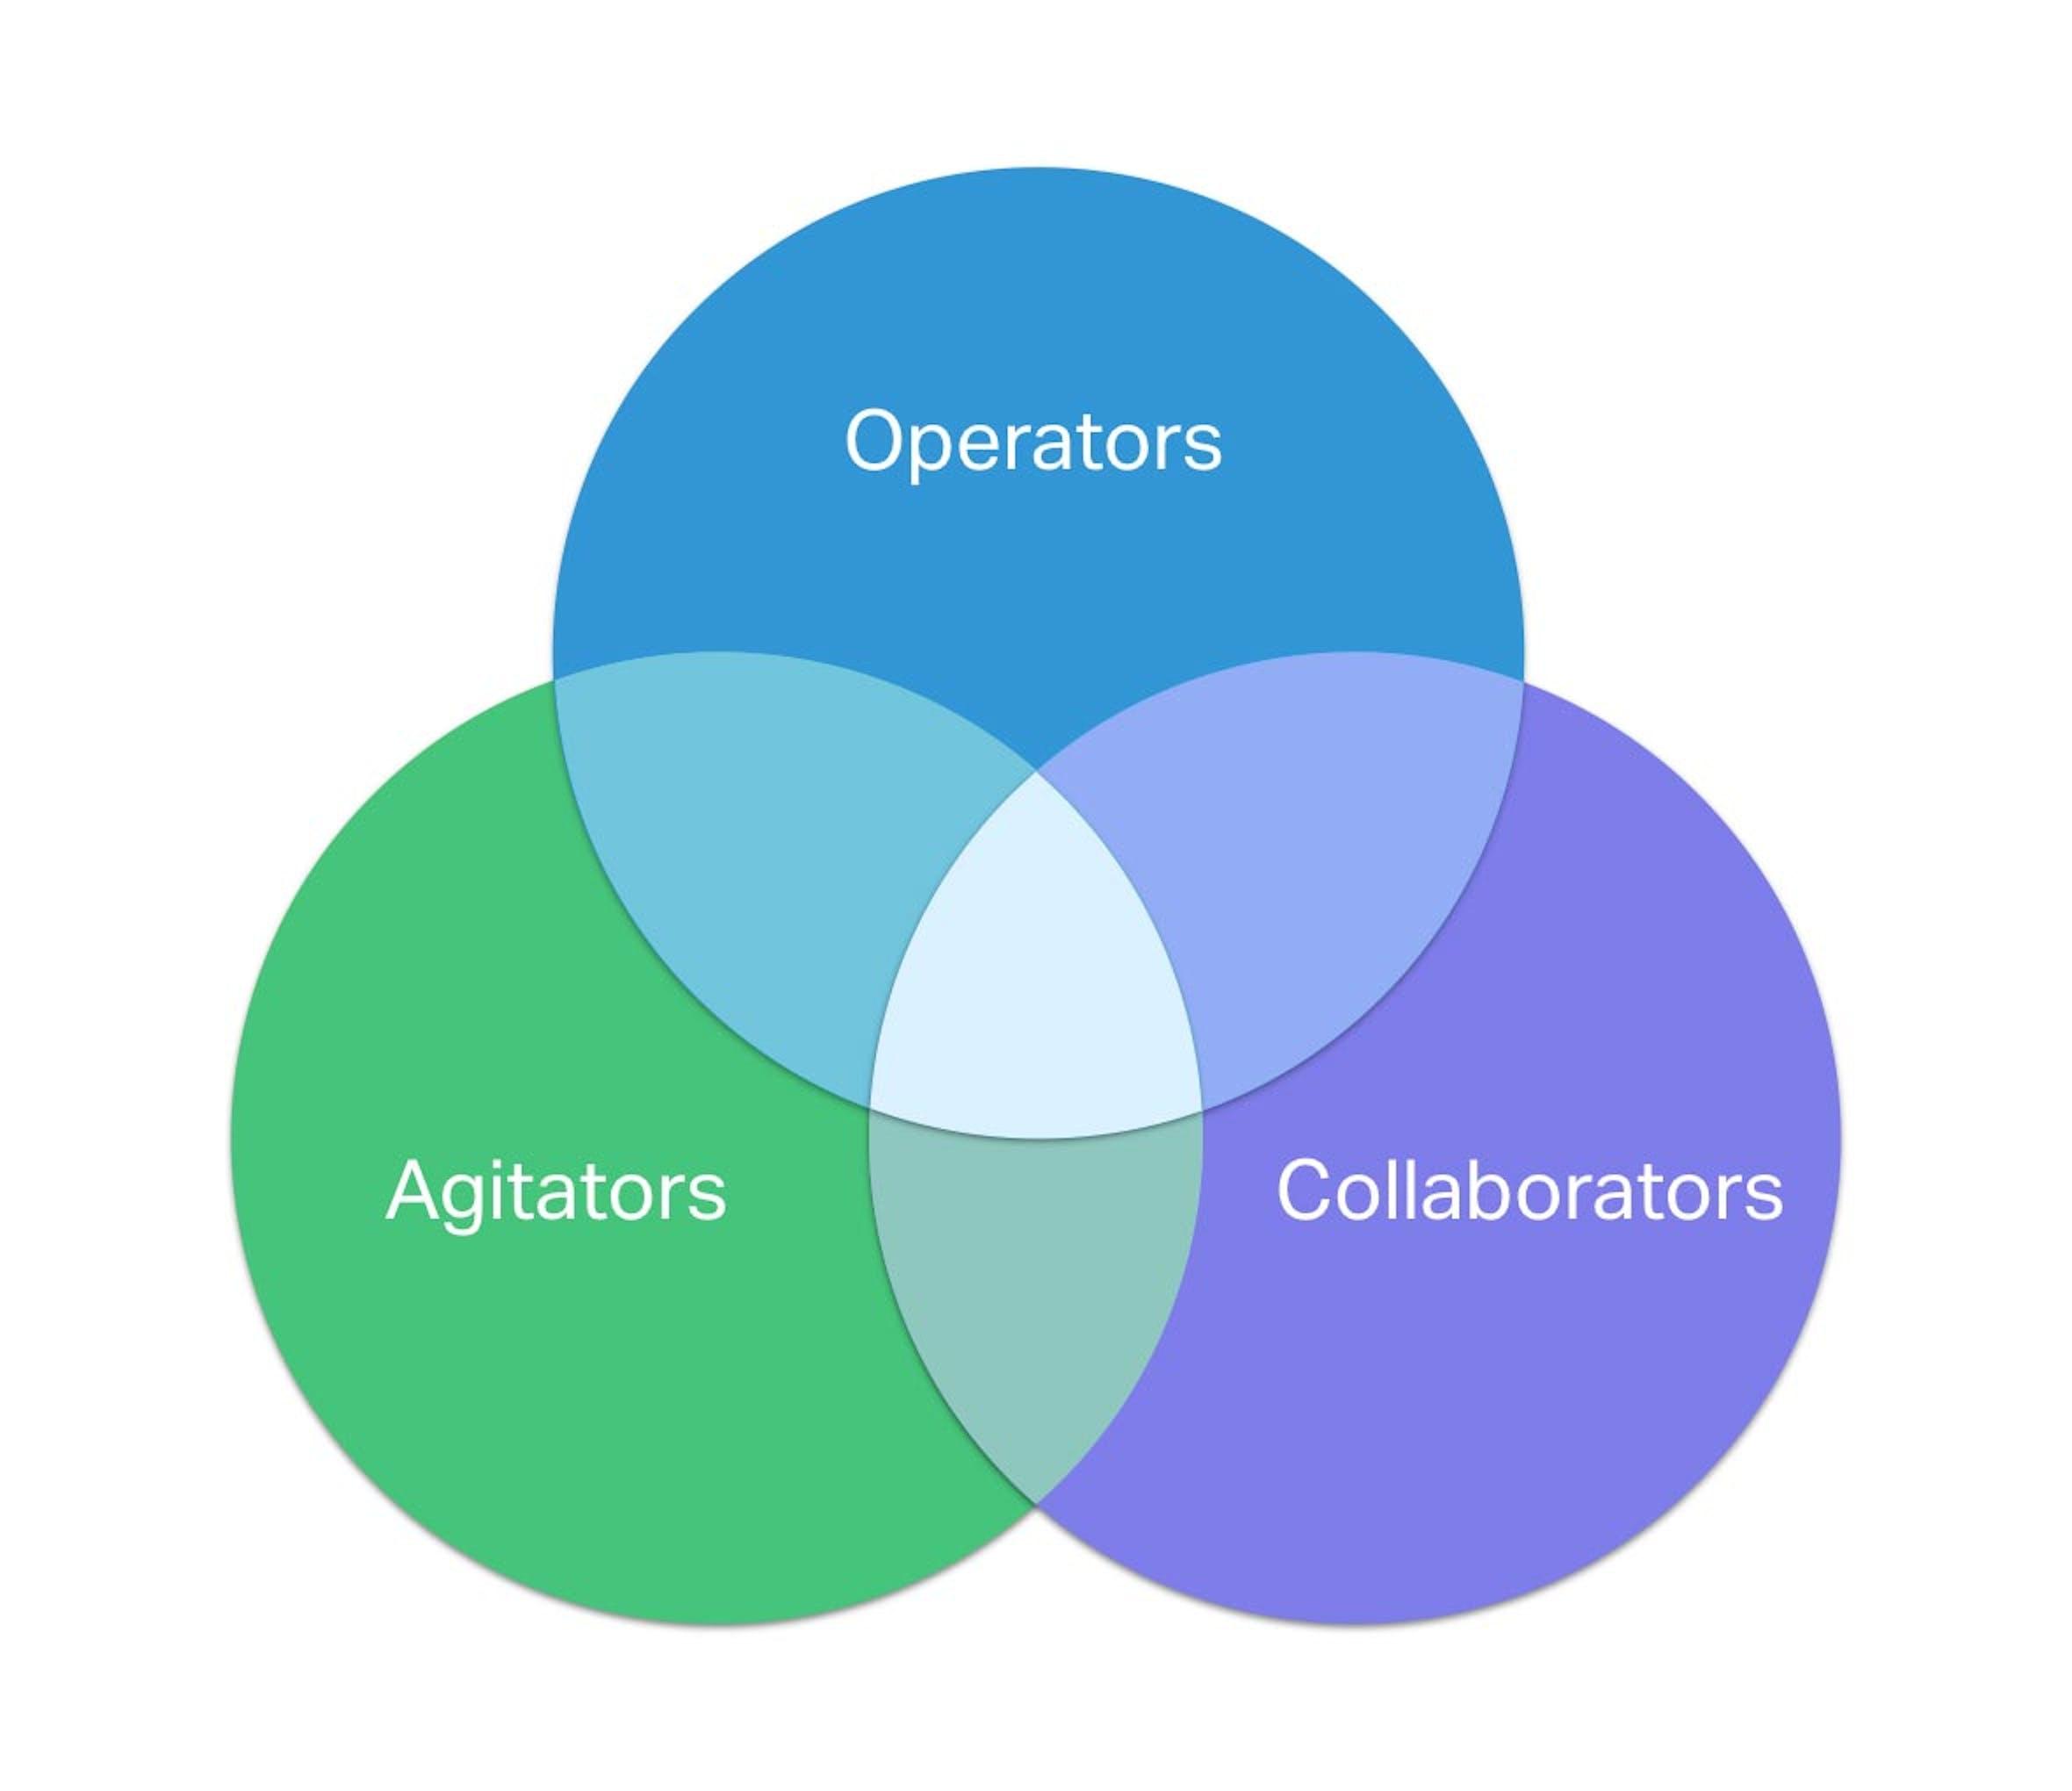 Operators, Agitators and Collaborators Venn diagram